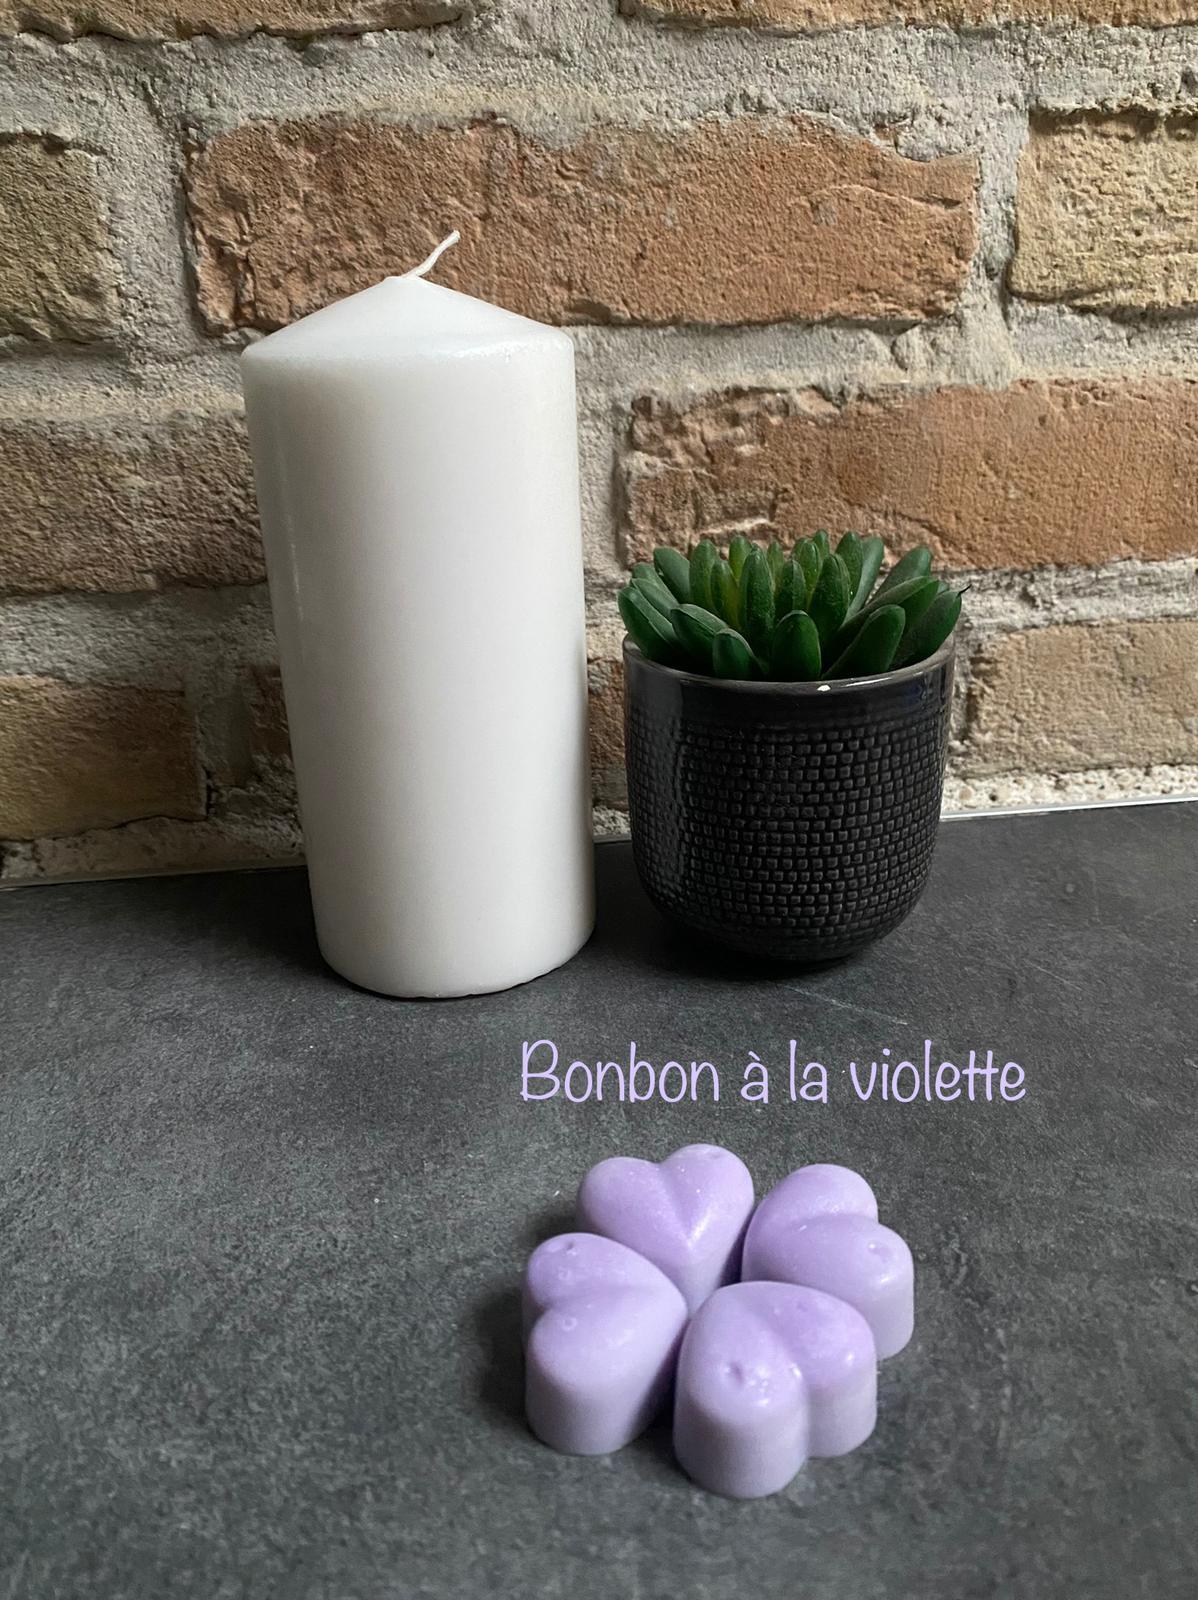 Fondant parfume bonbon a la violette